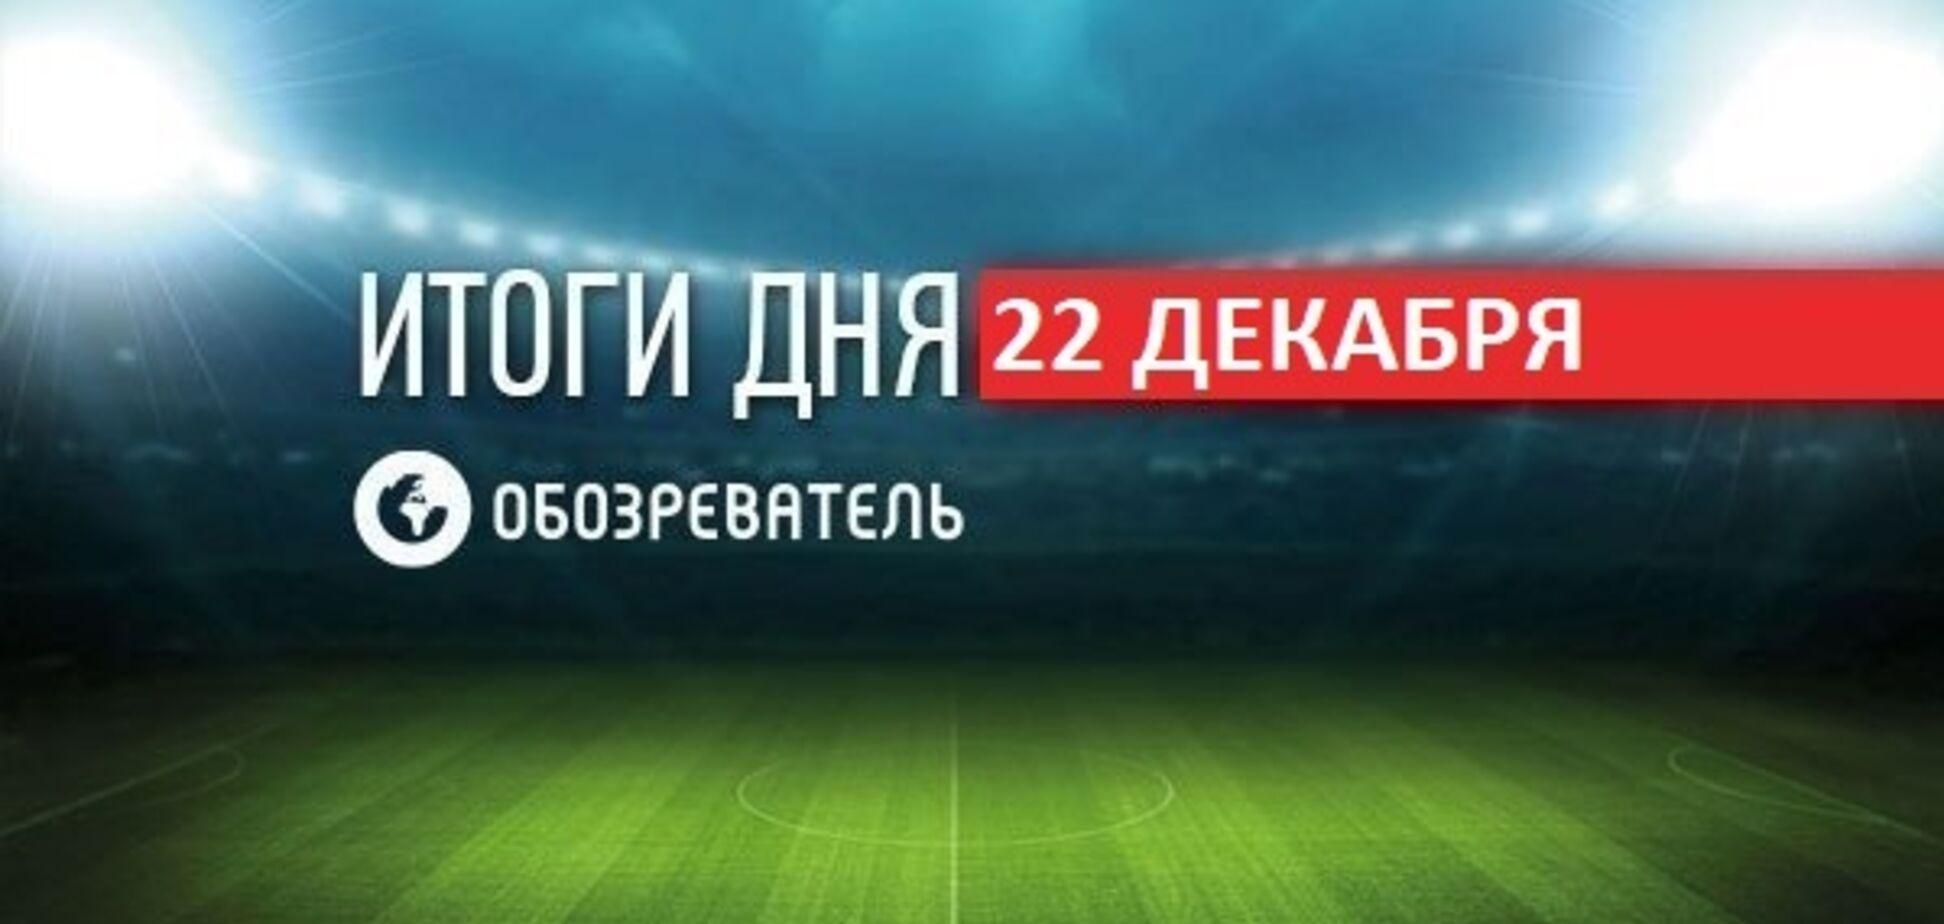 Україна виступила разом з 'ДНР' на турнірі з самбо в Росії: спортивні підсумки 22 грудня